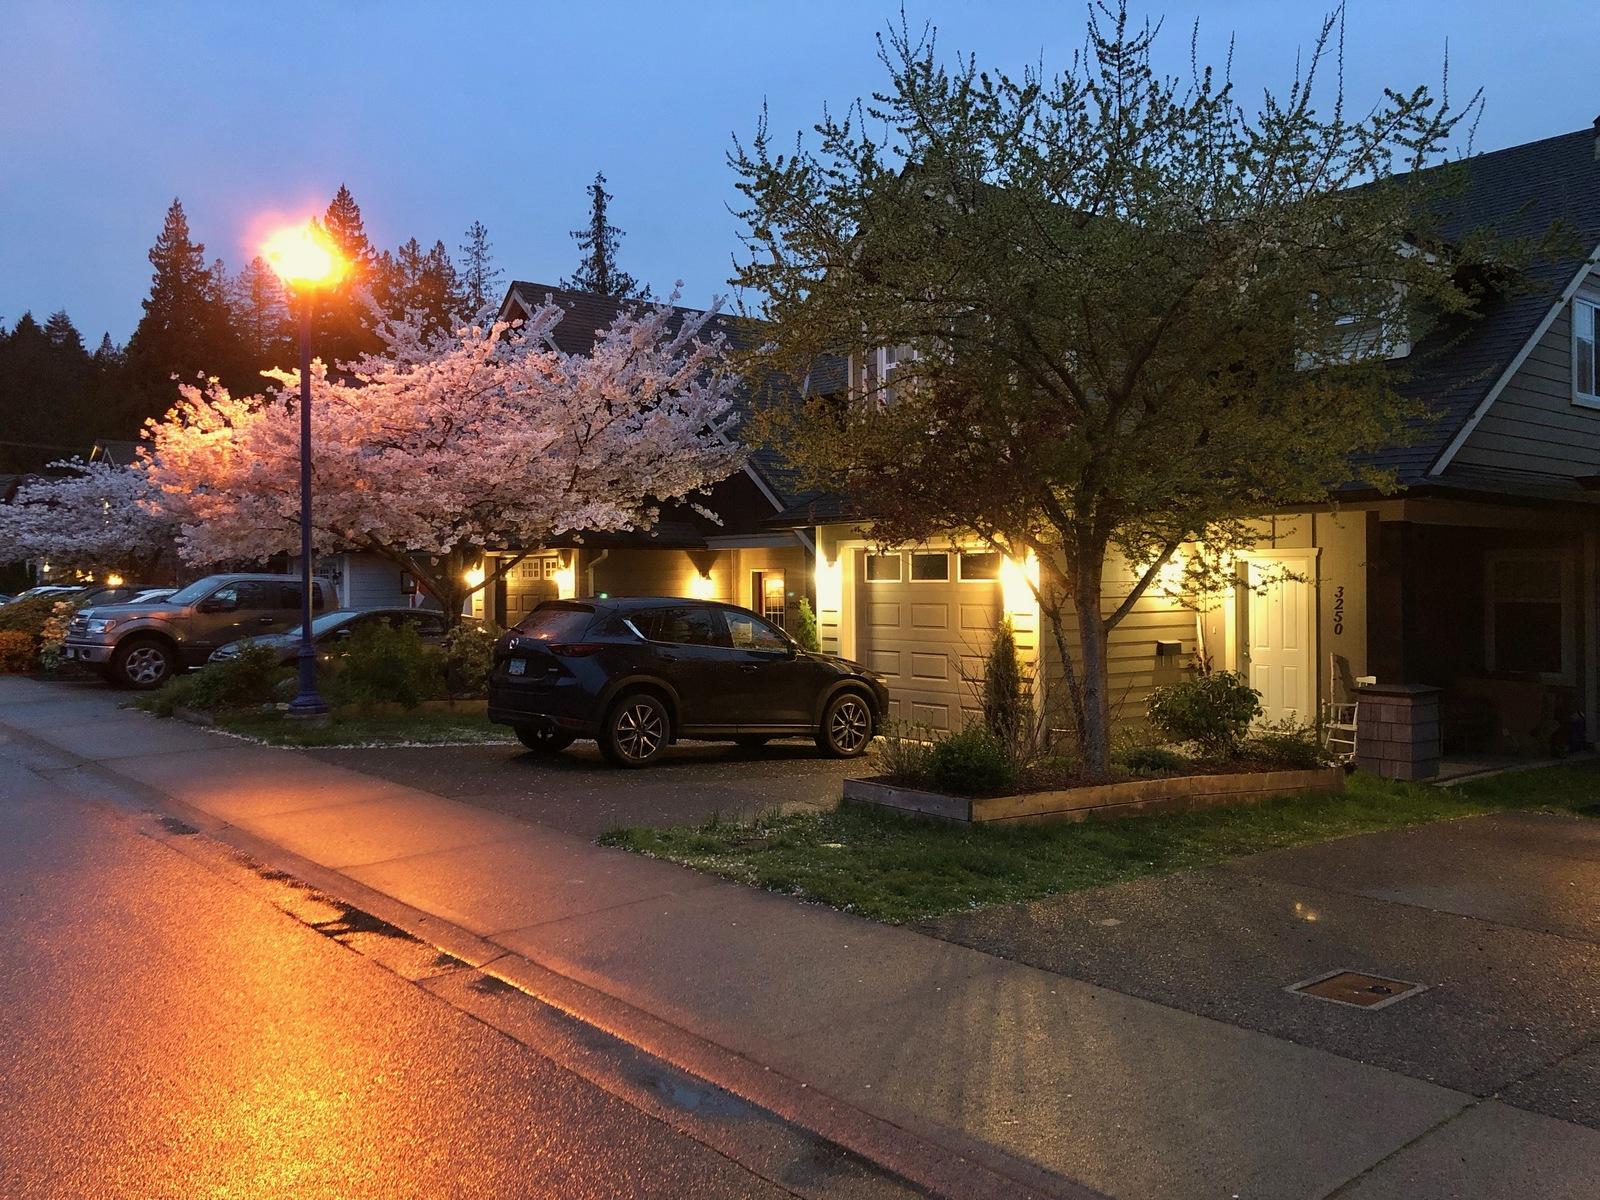 Обои фонари, ночь, дождь, экипаж, люди, улица, дома. Разное foto 12